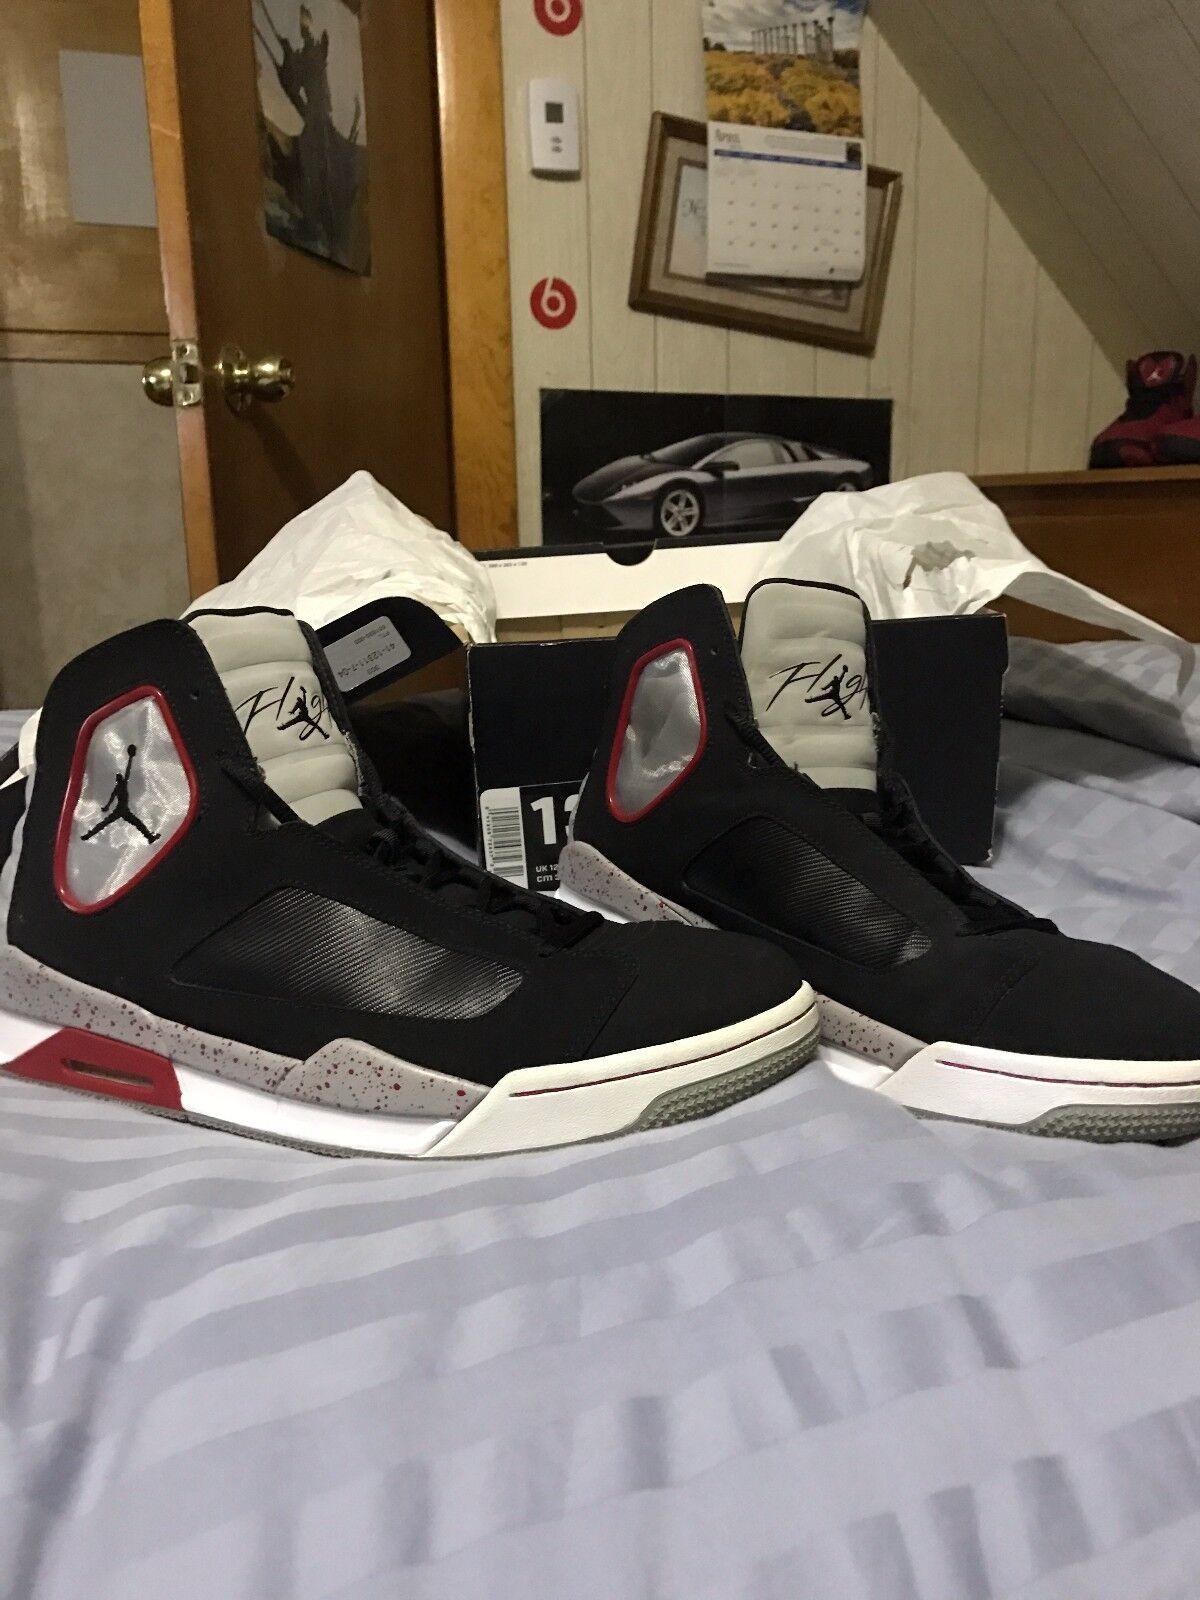 Nike Air Jordan Bred Flight Luminary Size 13